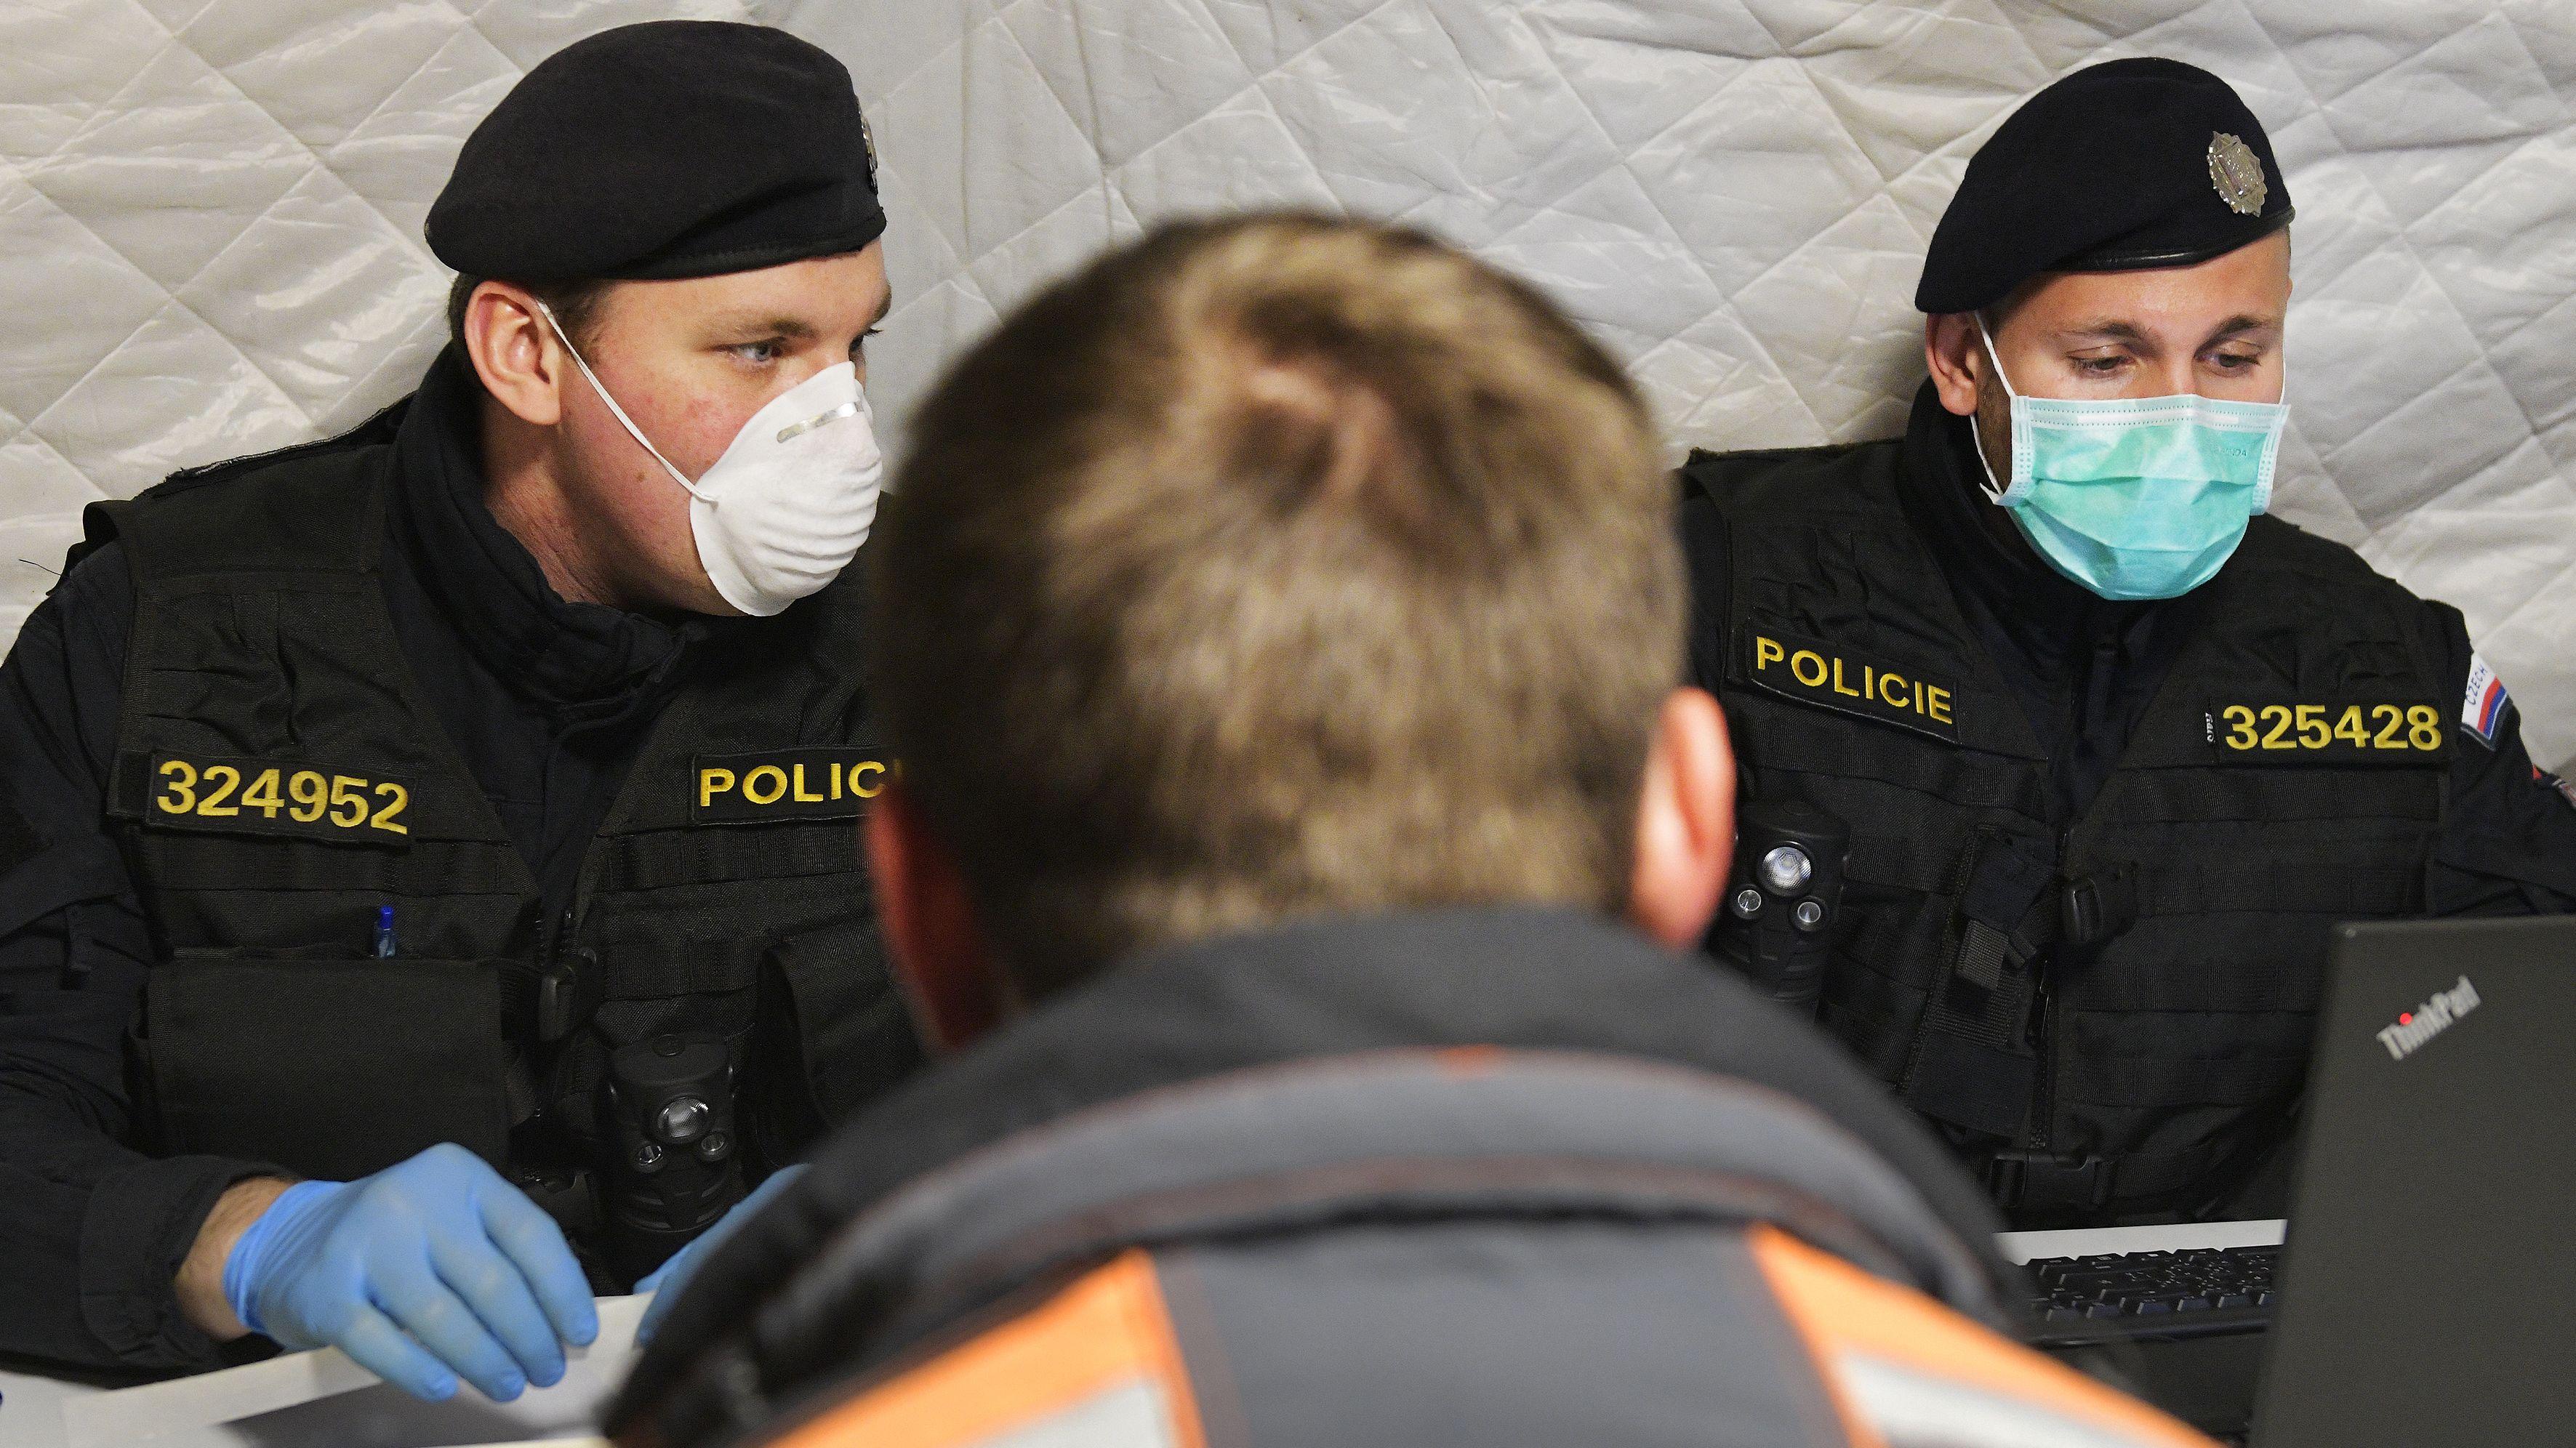 Grundlage für die Übung war ein fiktiver Erlass der tschechischen Regierung, schnellstmöglich den Grenzschutz herzustellen.